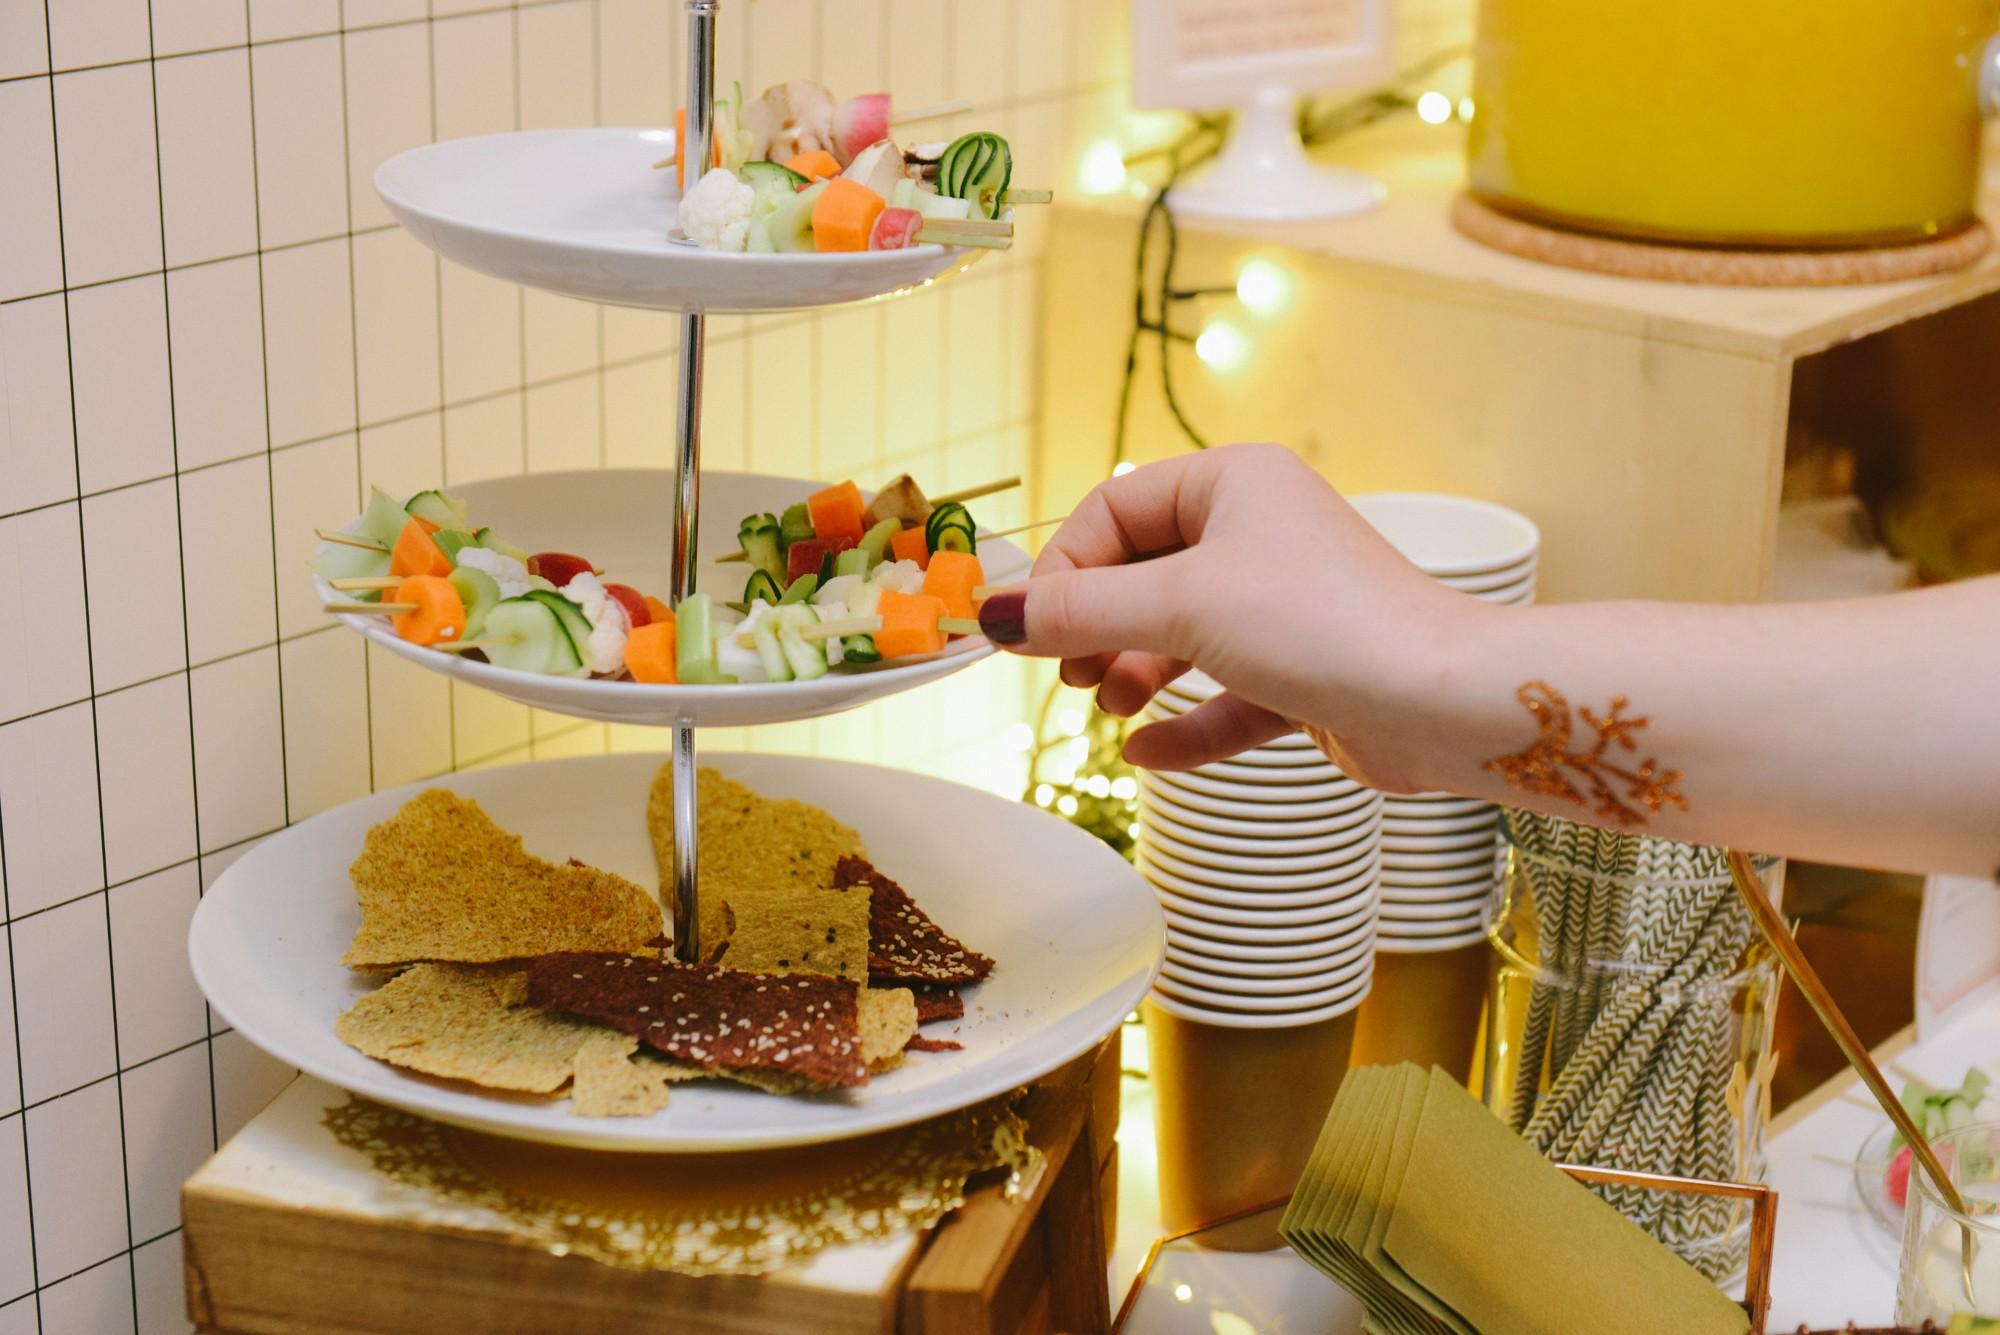 5ans-MTBP-Buffet-candice-henin-BD-380